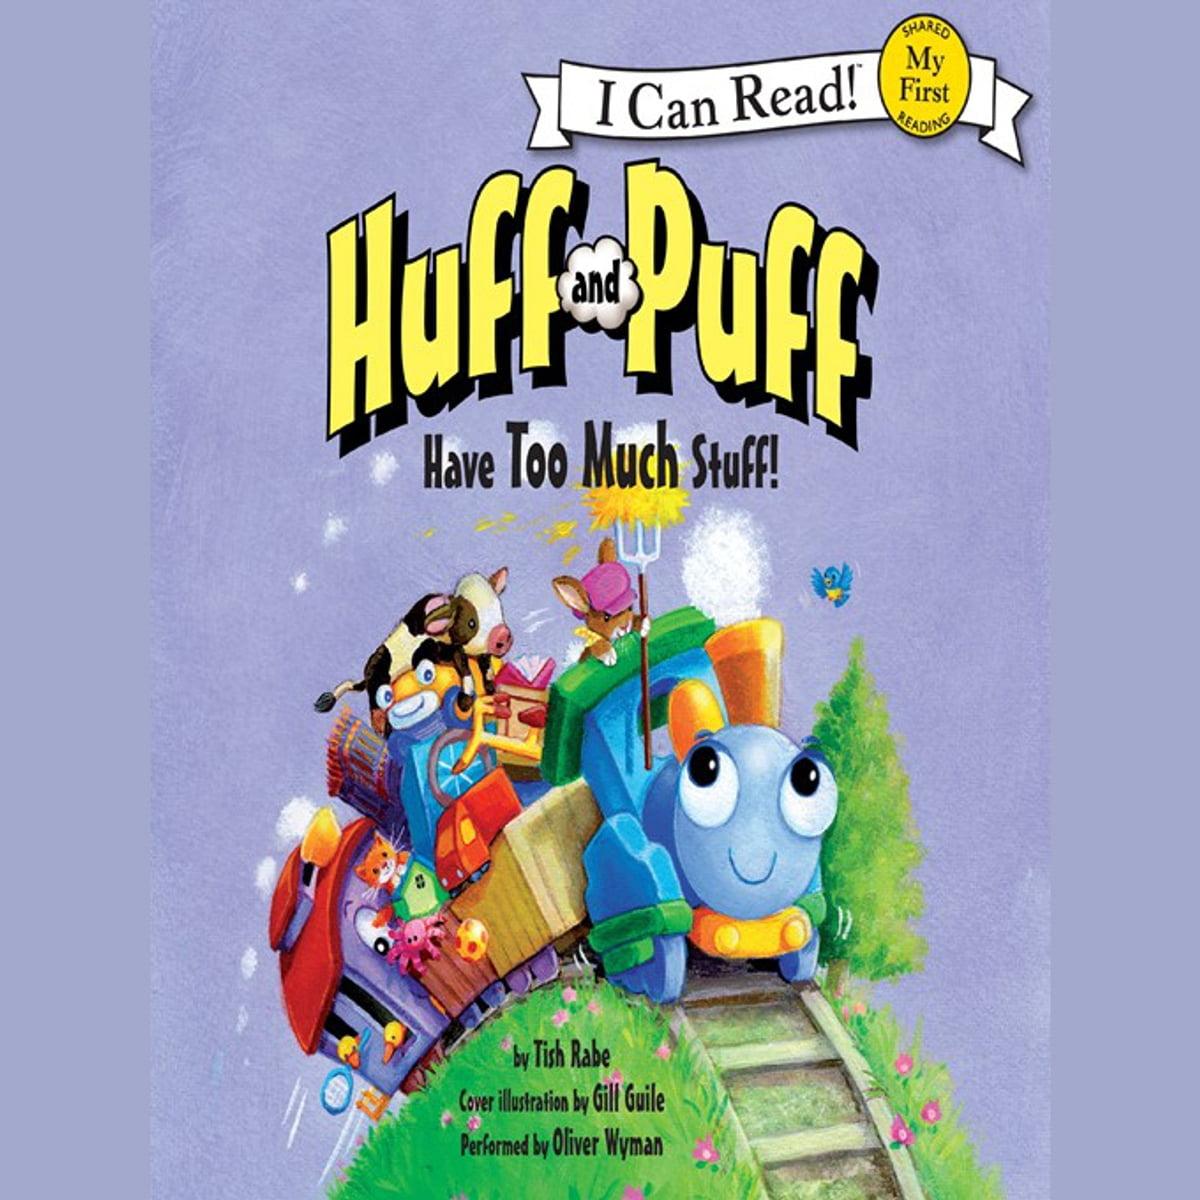 Huff and Puff Have Too Much Stuff! Audiobook by Tish Rabe - 9780062345622 | Rakuten Kobo